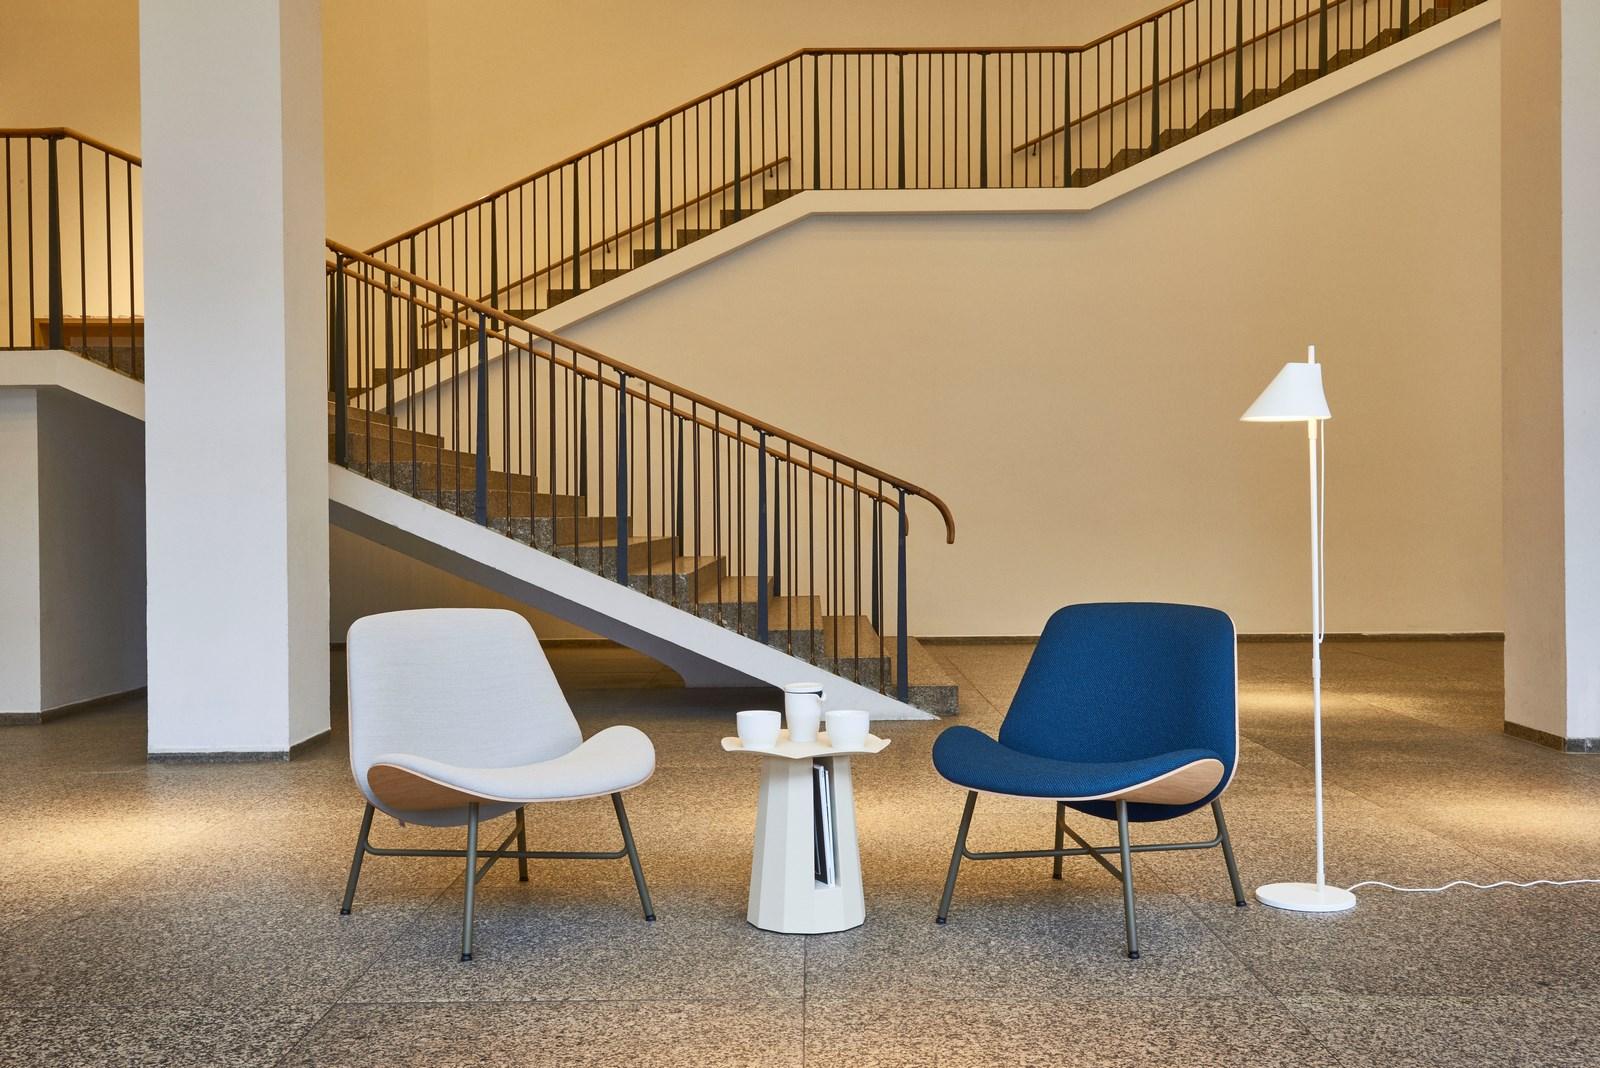 Silla Nihan y la mesa auxiliar Golden Nugget, de la marca holandesa de moda Pode. Clásicos modernos (Foto: far.design; Koelnmesse)